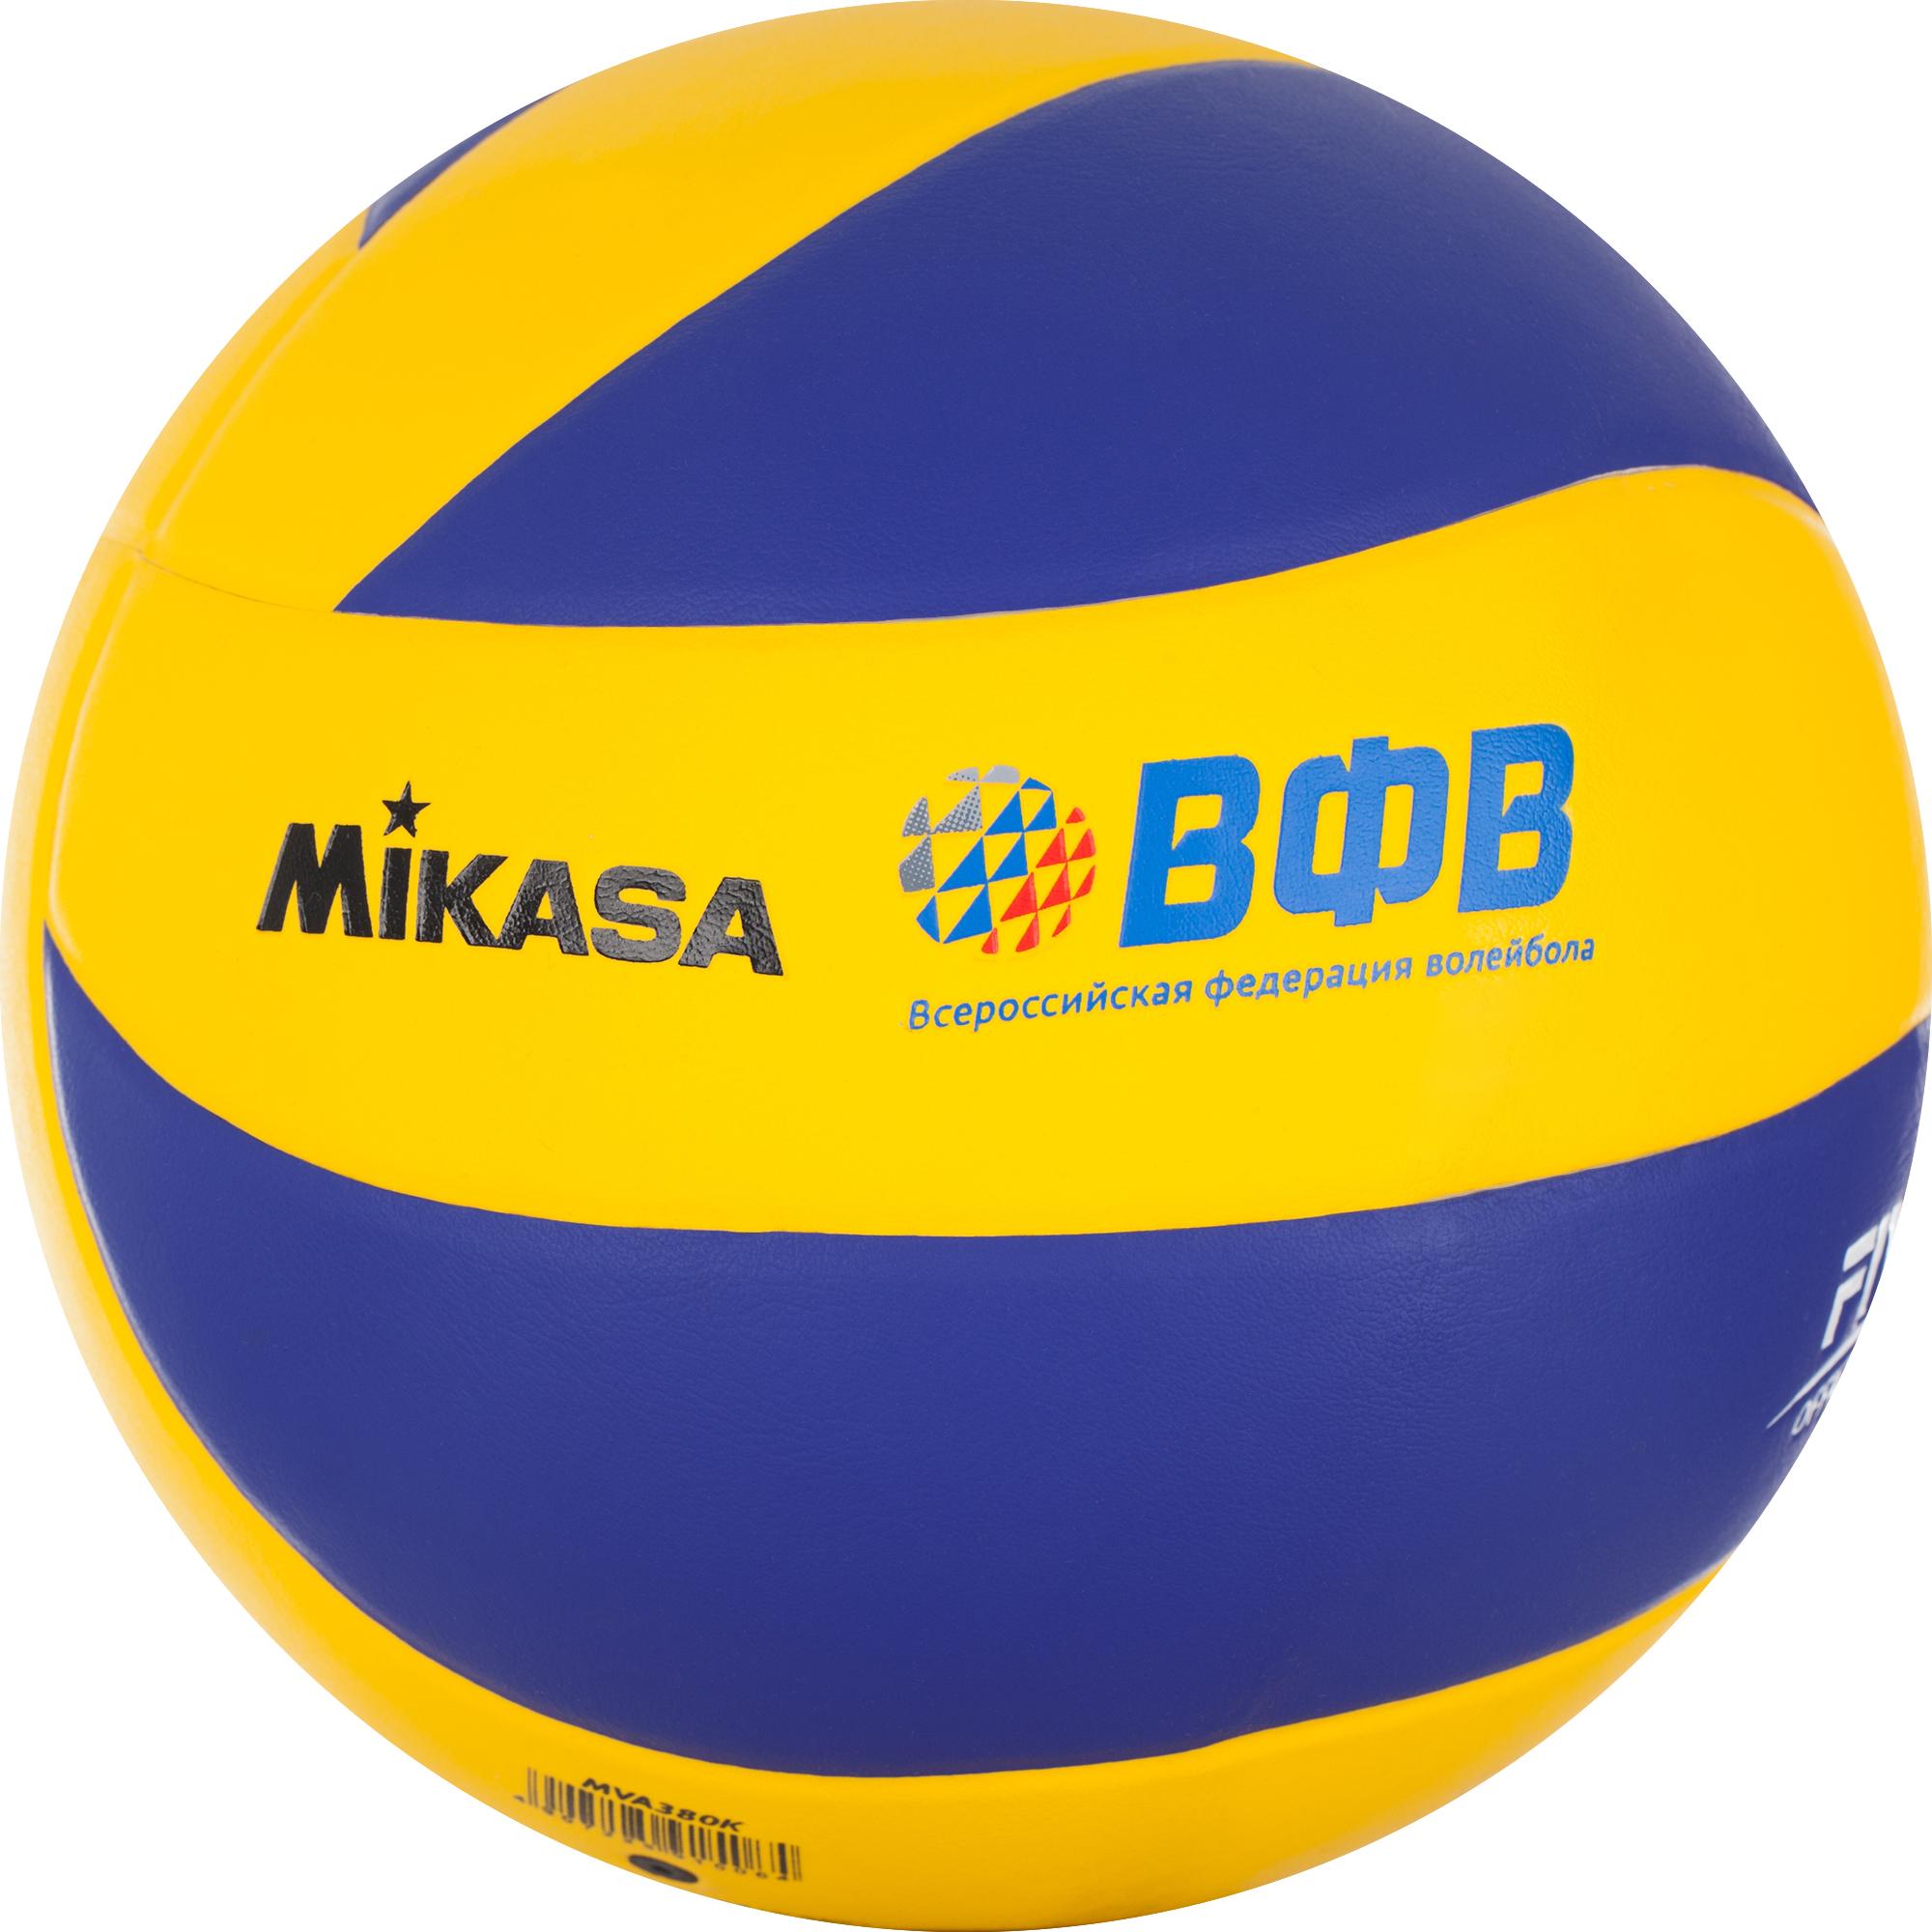 Mikasa Мяч волейбольный MIKASA цена